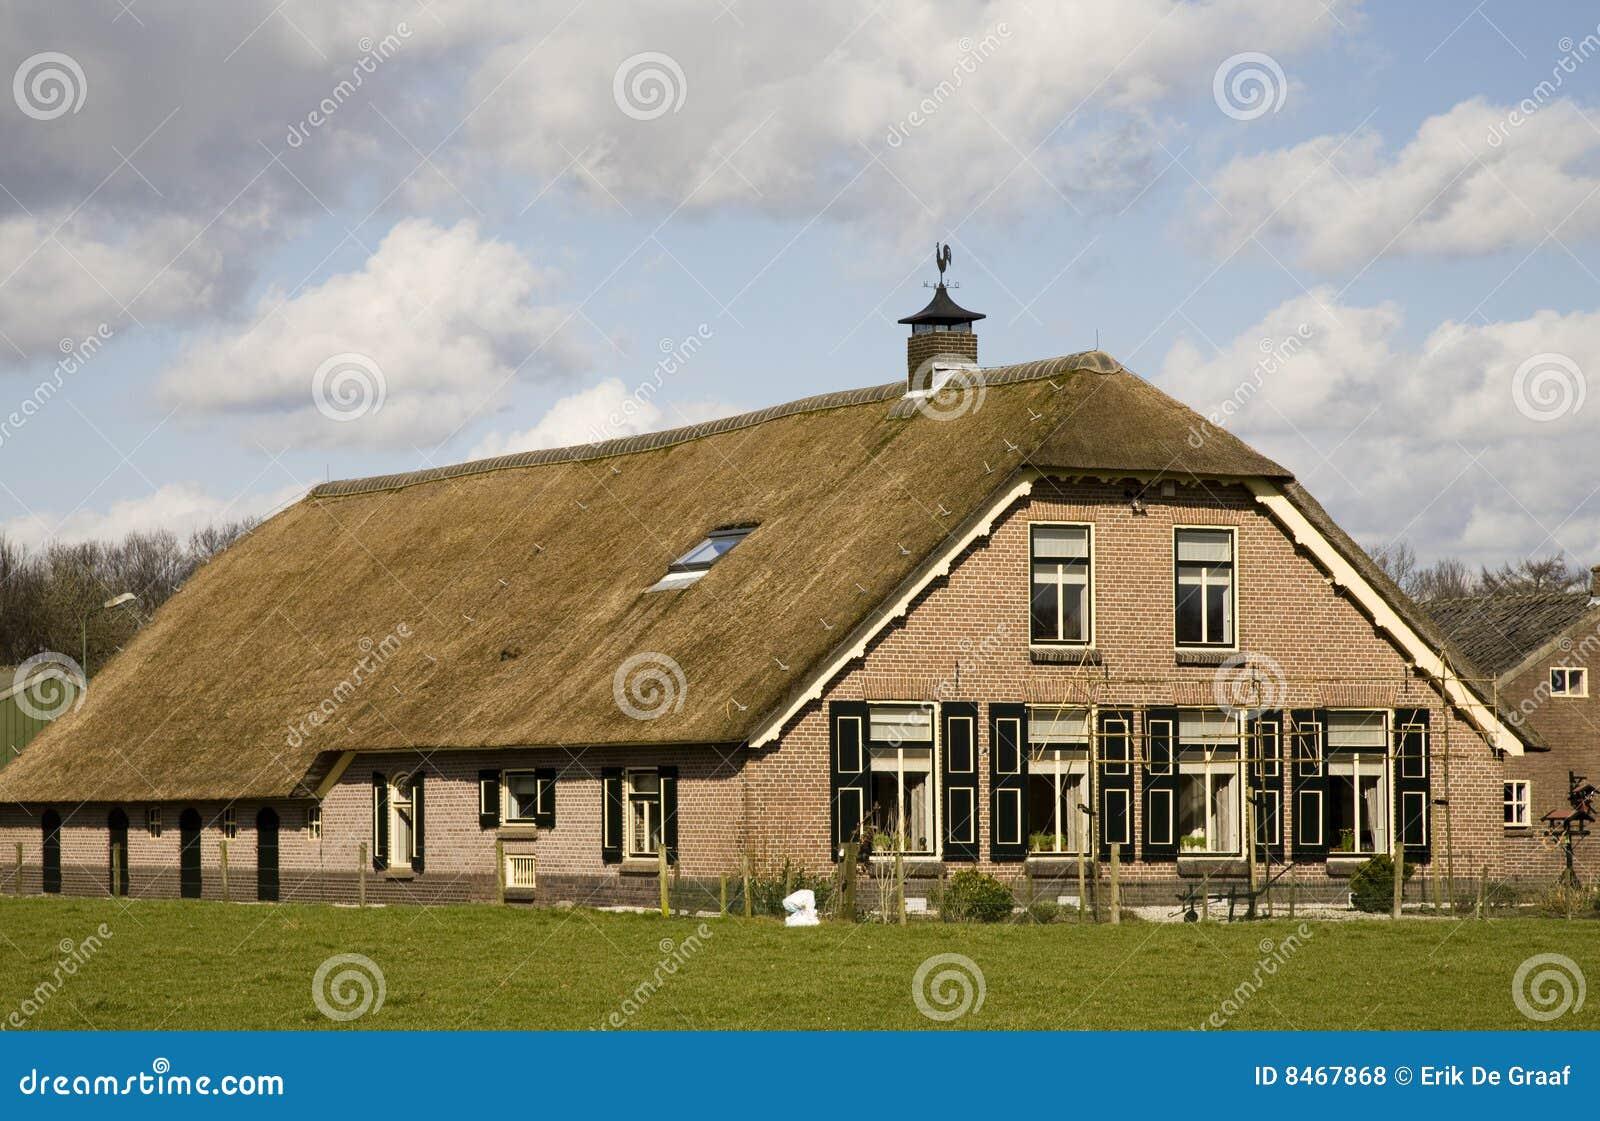 Dutch farm house royalty free stock photos image 8467868 for Farm house netherlands